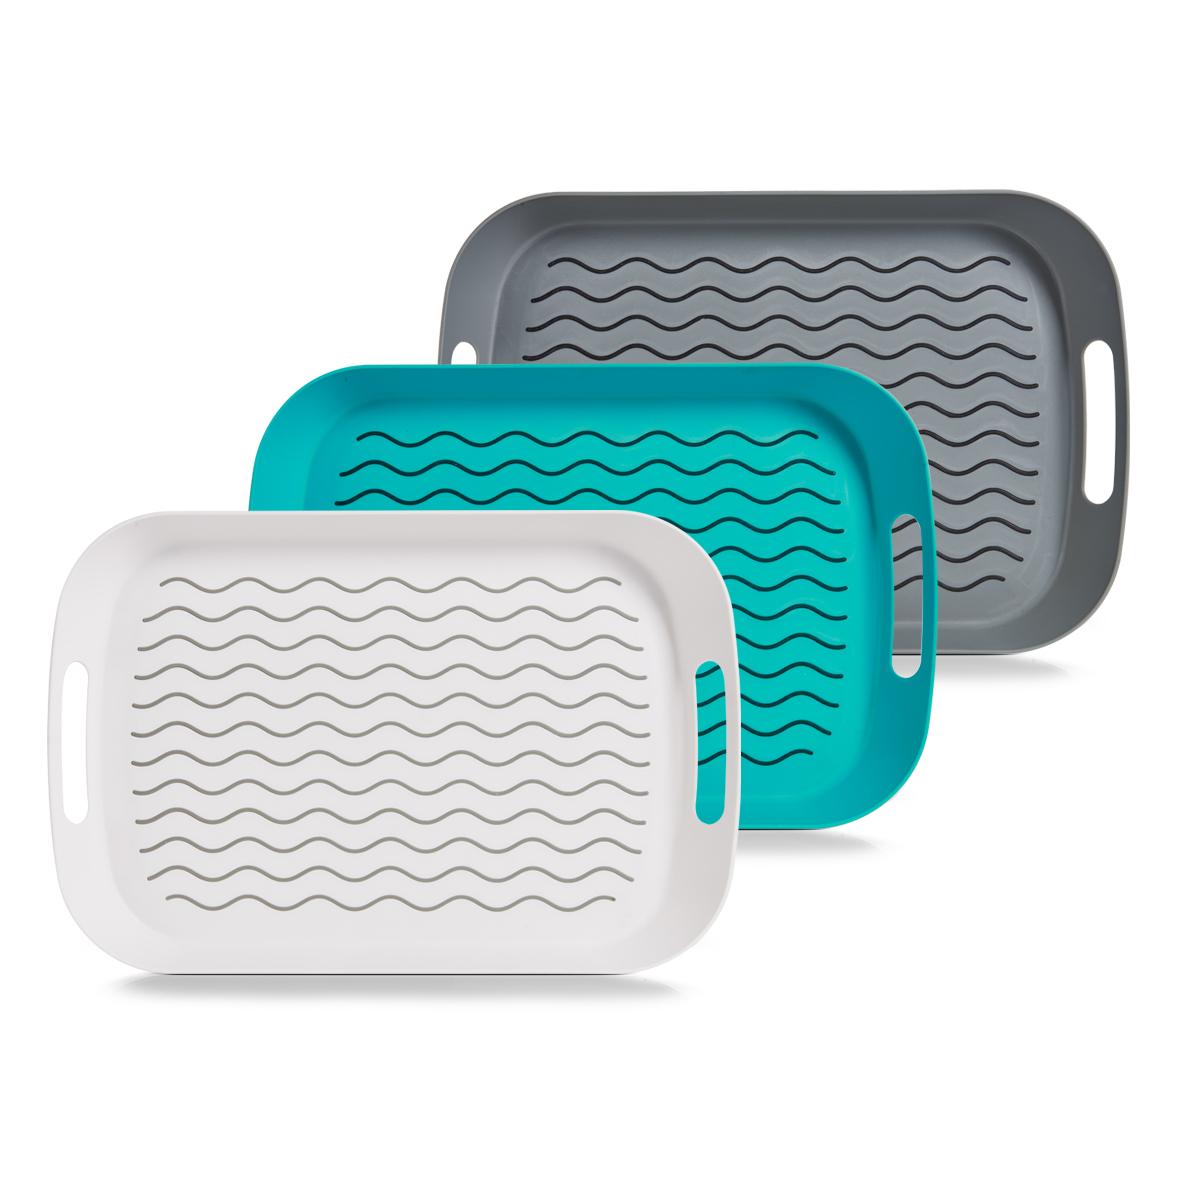 Поднос 44,25х29,5х5 смПоднос изготовлен из высококачественного полипропилена. Он станет незаменимым предметом для сервировки стола. Поднос не только дополнит интерьер вашей кухни, но и защитит поверхность стола от грязи и перегрева.Классический поднос Idea придется по вкусу и ценителям классики, и тем, кто предпочитает современный стиль.<br>